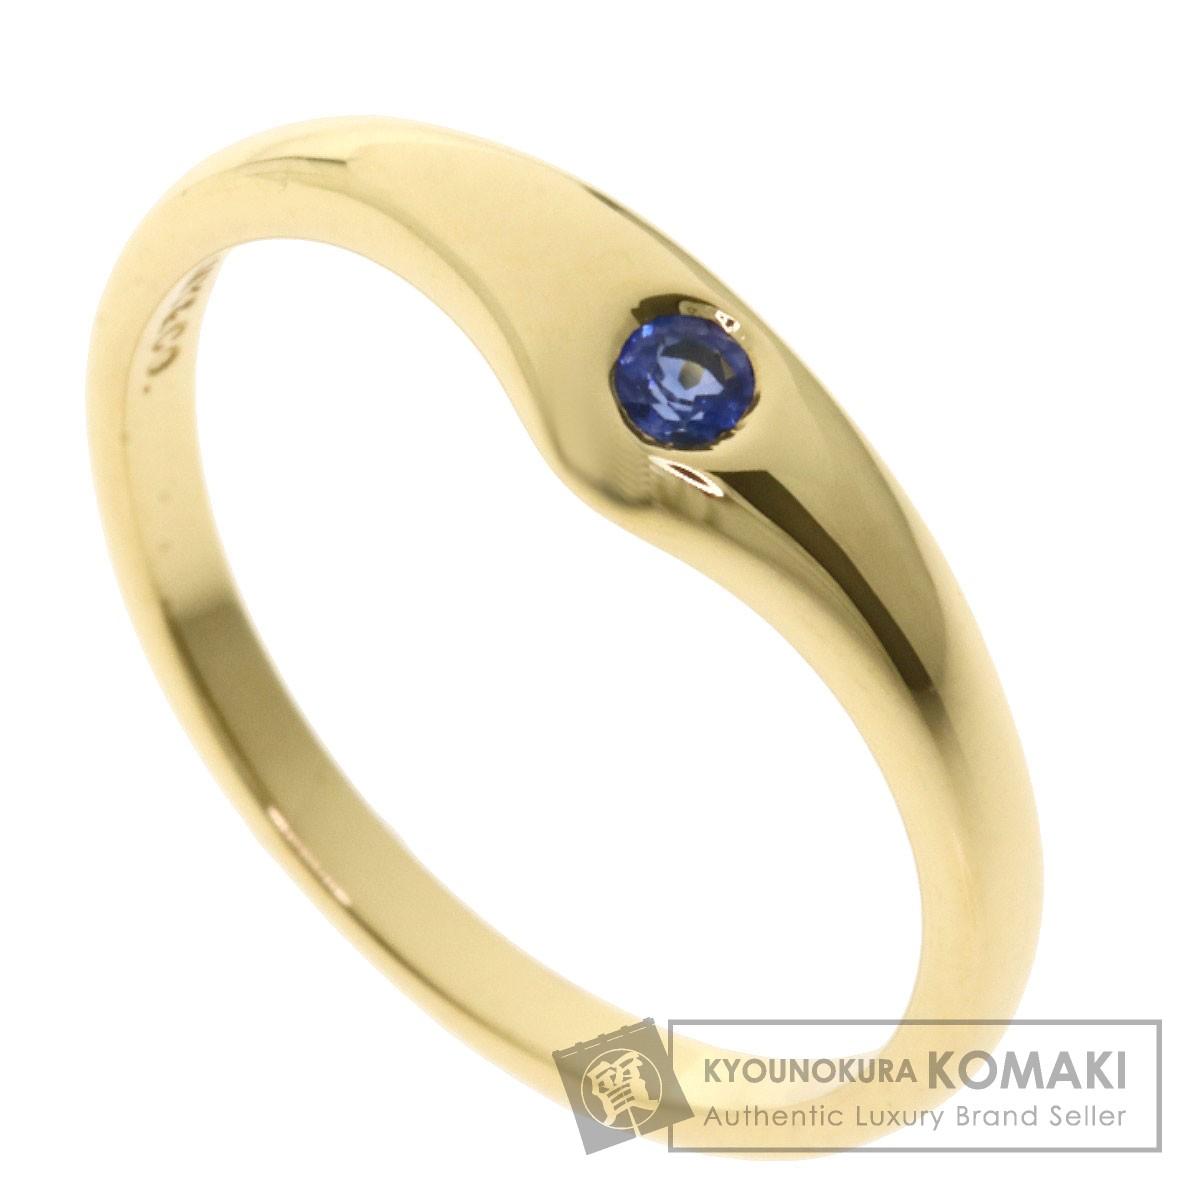 ティファニー 1P サファイア リング・指輪 K18イエローゴールド レディース 【中古】【TIFFANY&Co.】